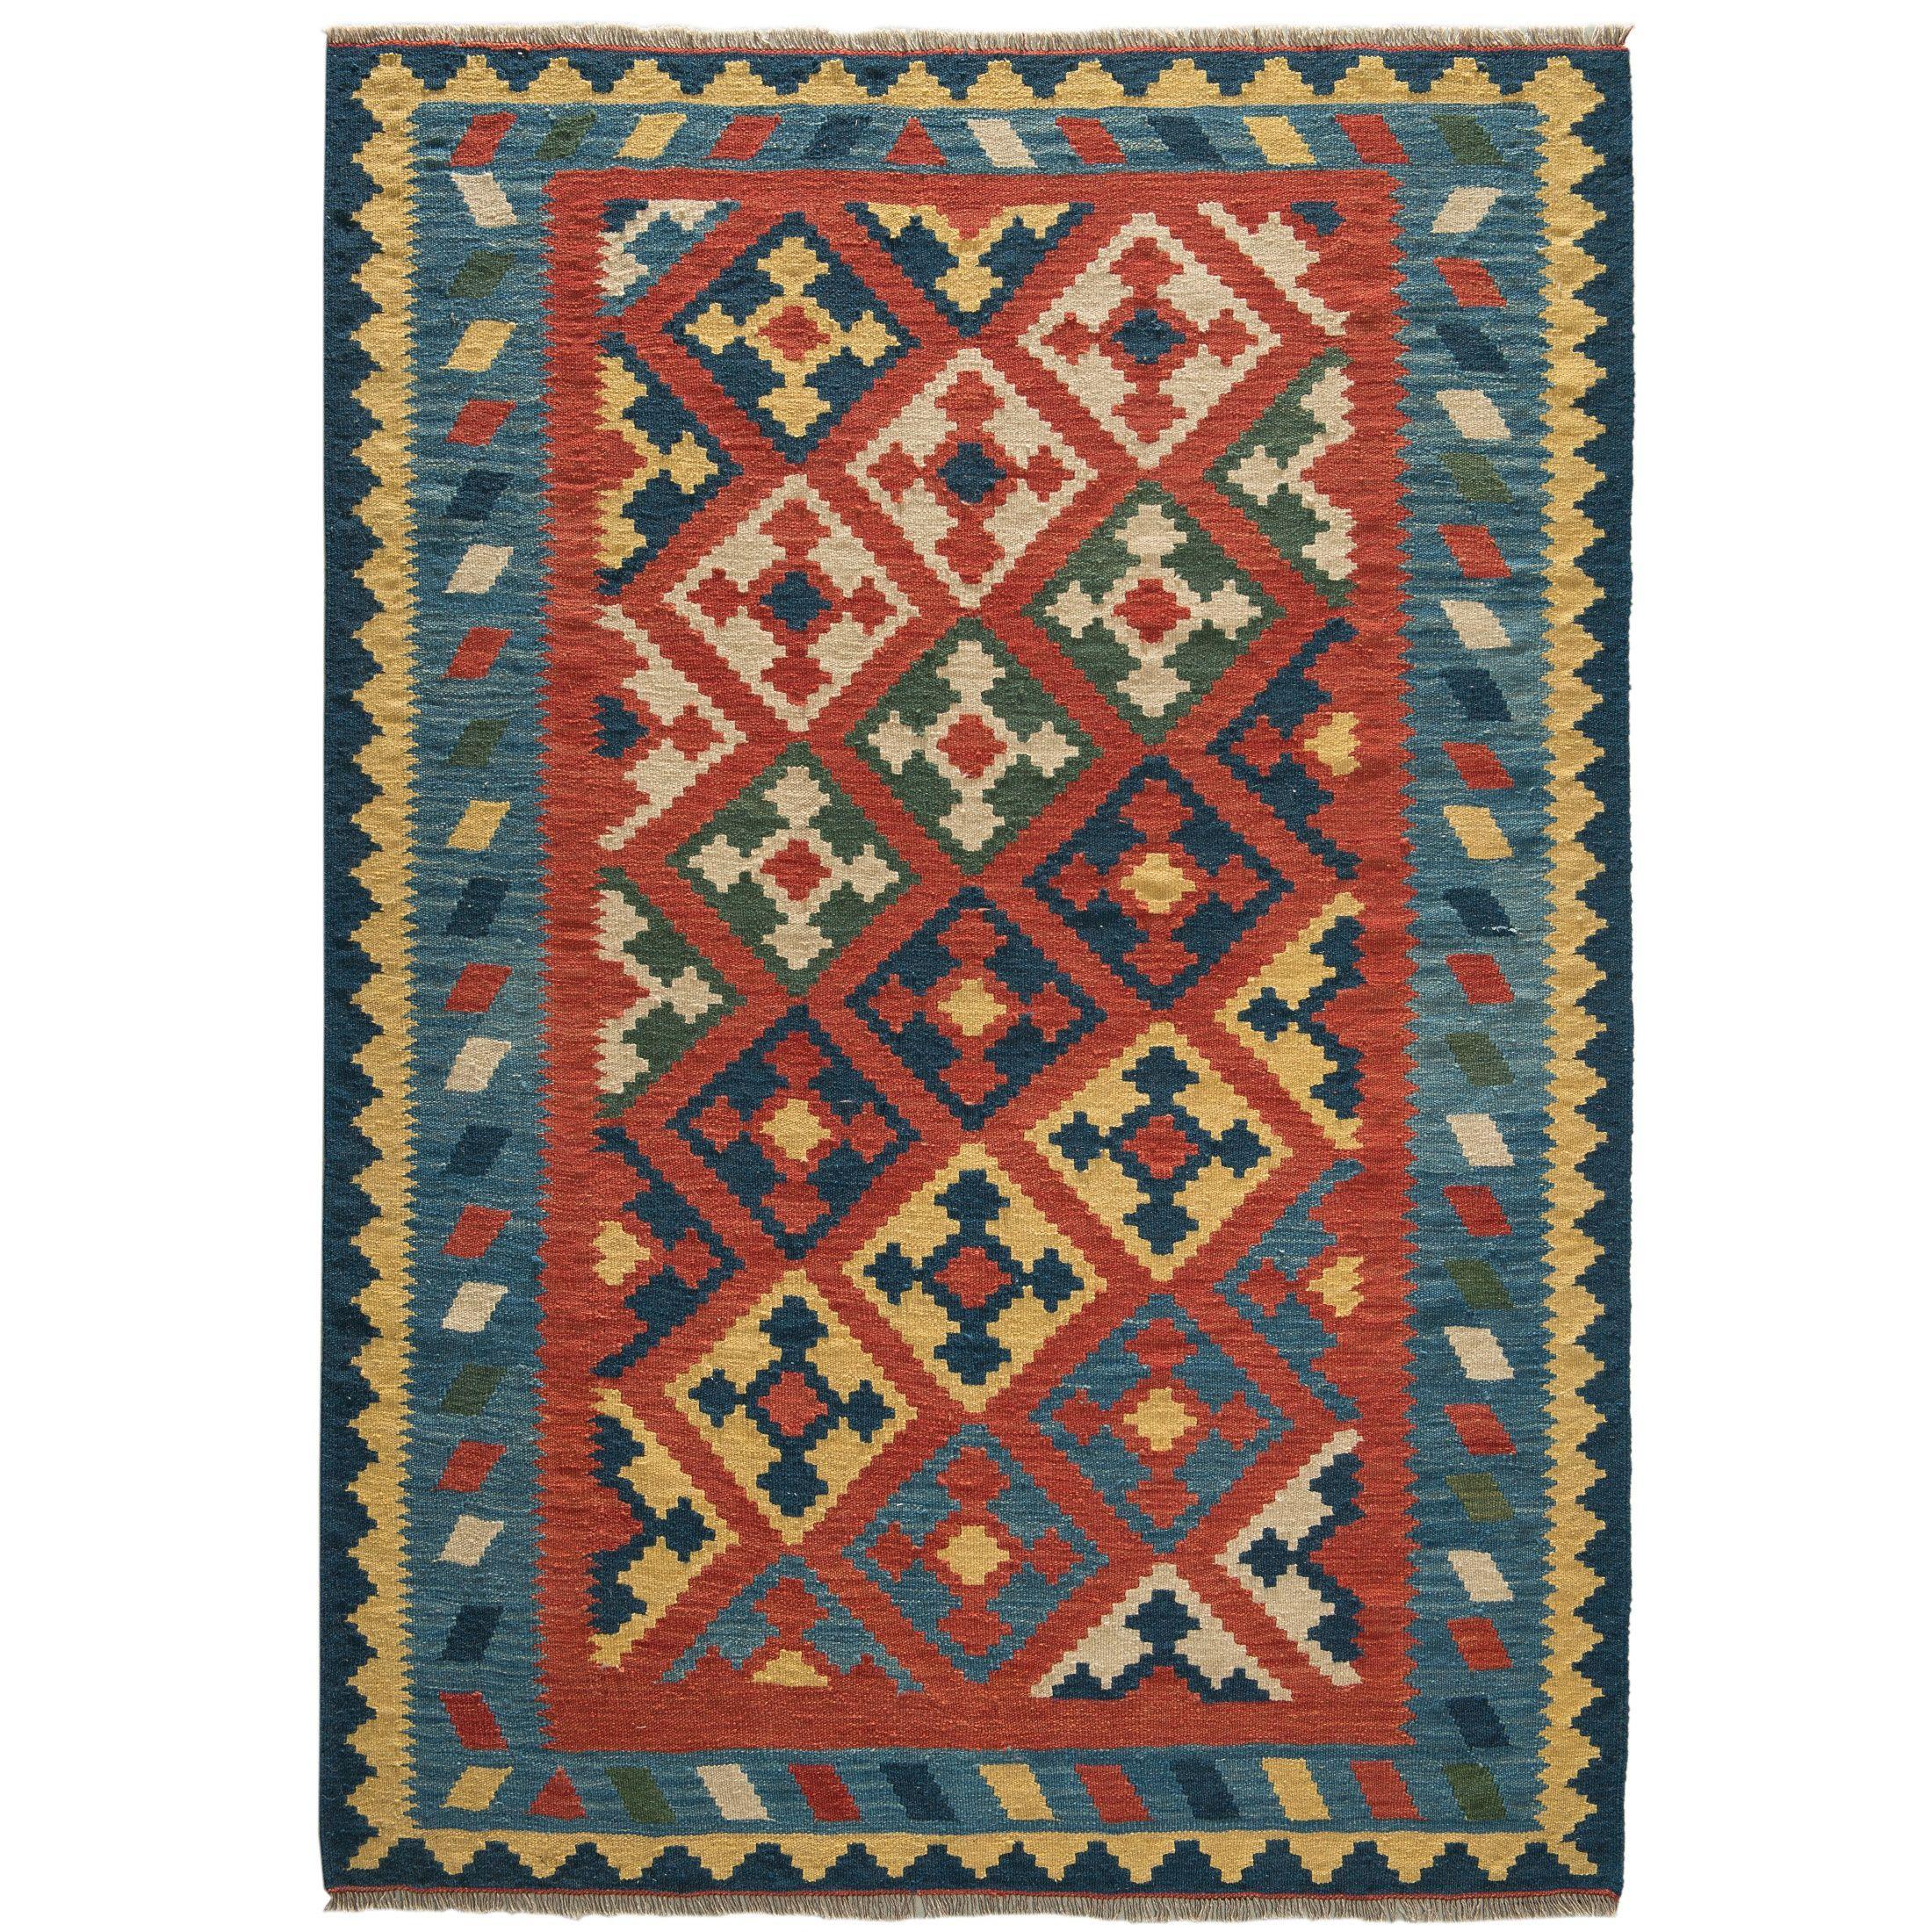 Persischer kelim kelim teppiche 165 x 238 399 schurwolle new kelim teppiche kaufen kelim teppiche im online shop bei teppich kibek jetzt klicken und kelim teppiche einkaufen parisarafo Choice Image